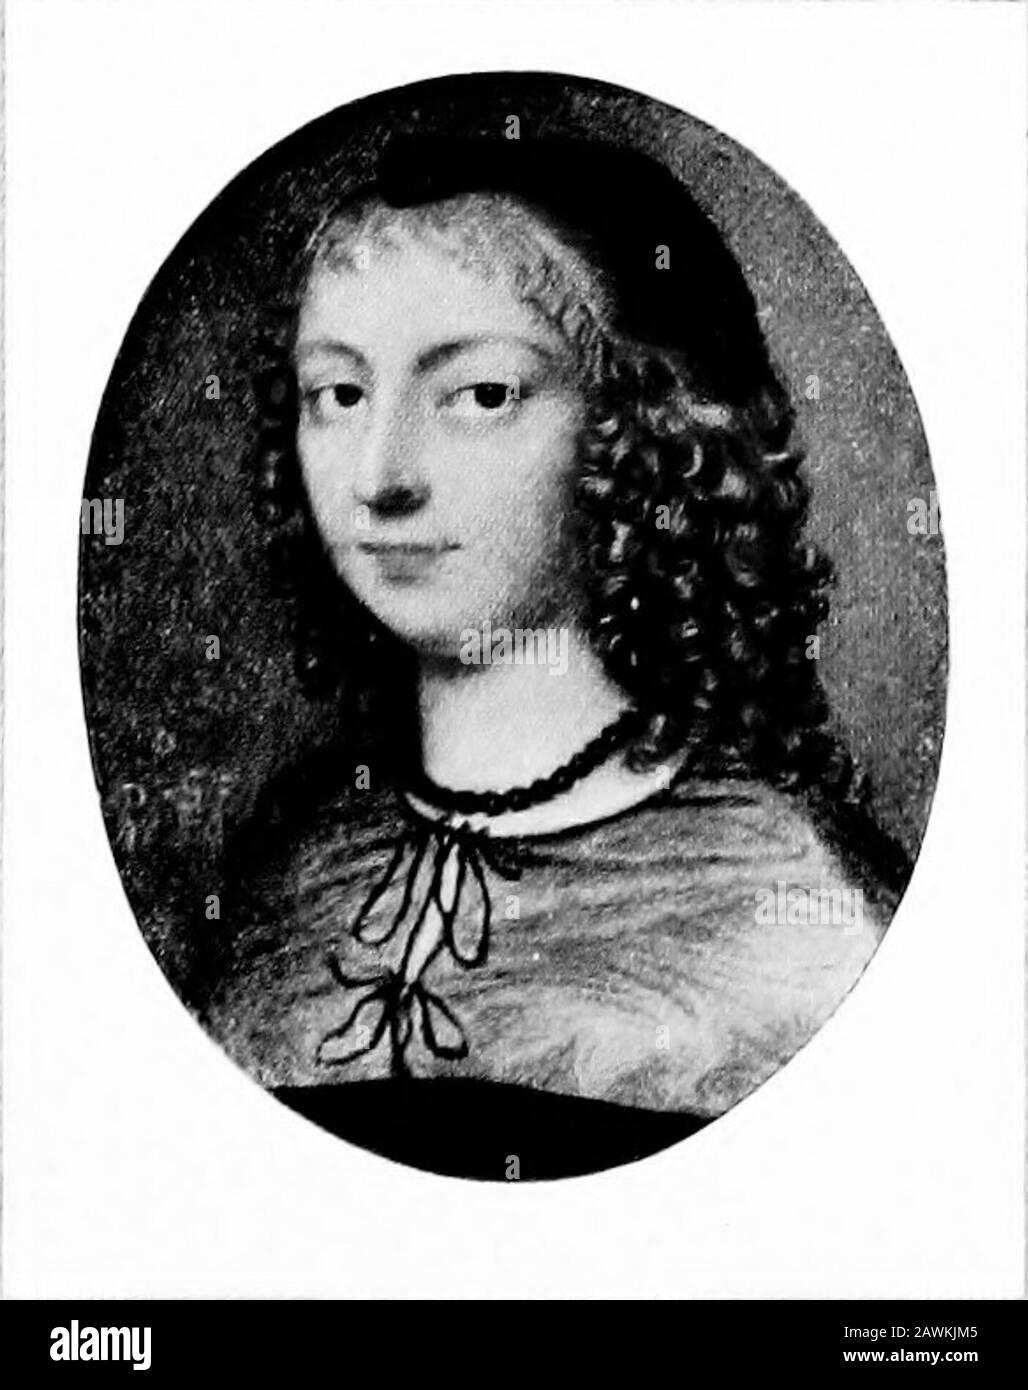 Miniaturas de retrato; . SRTA. CHRISTIAN TEMPLEBY O DESPUÉS DE SAMUEL COOPER DE LA COLECCIÓN DE LA RT. HON. SIR CHARLES DILKE, BART., M.P,. RACHEL FANE, CONDESA DE BATH Y MÁS TARDE DE MIDDLESEX (161 2-1680) POR DAVID DES GRANGES DE LA COLECCIÓN DEL SR. E. M. HODGKIN3 Foto de stock